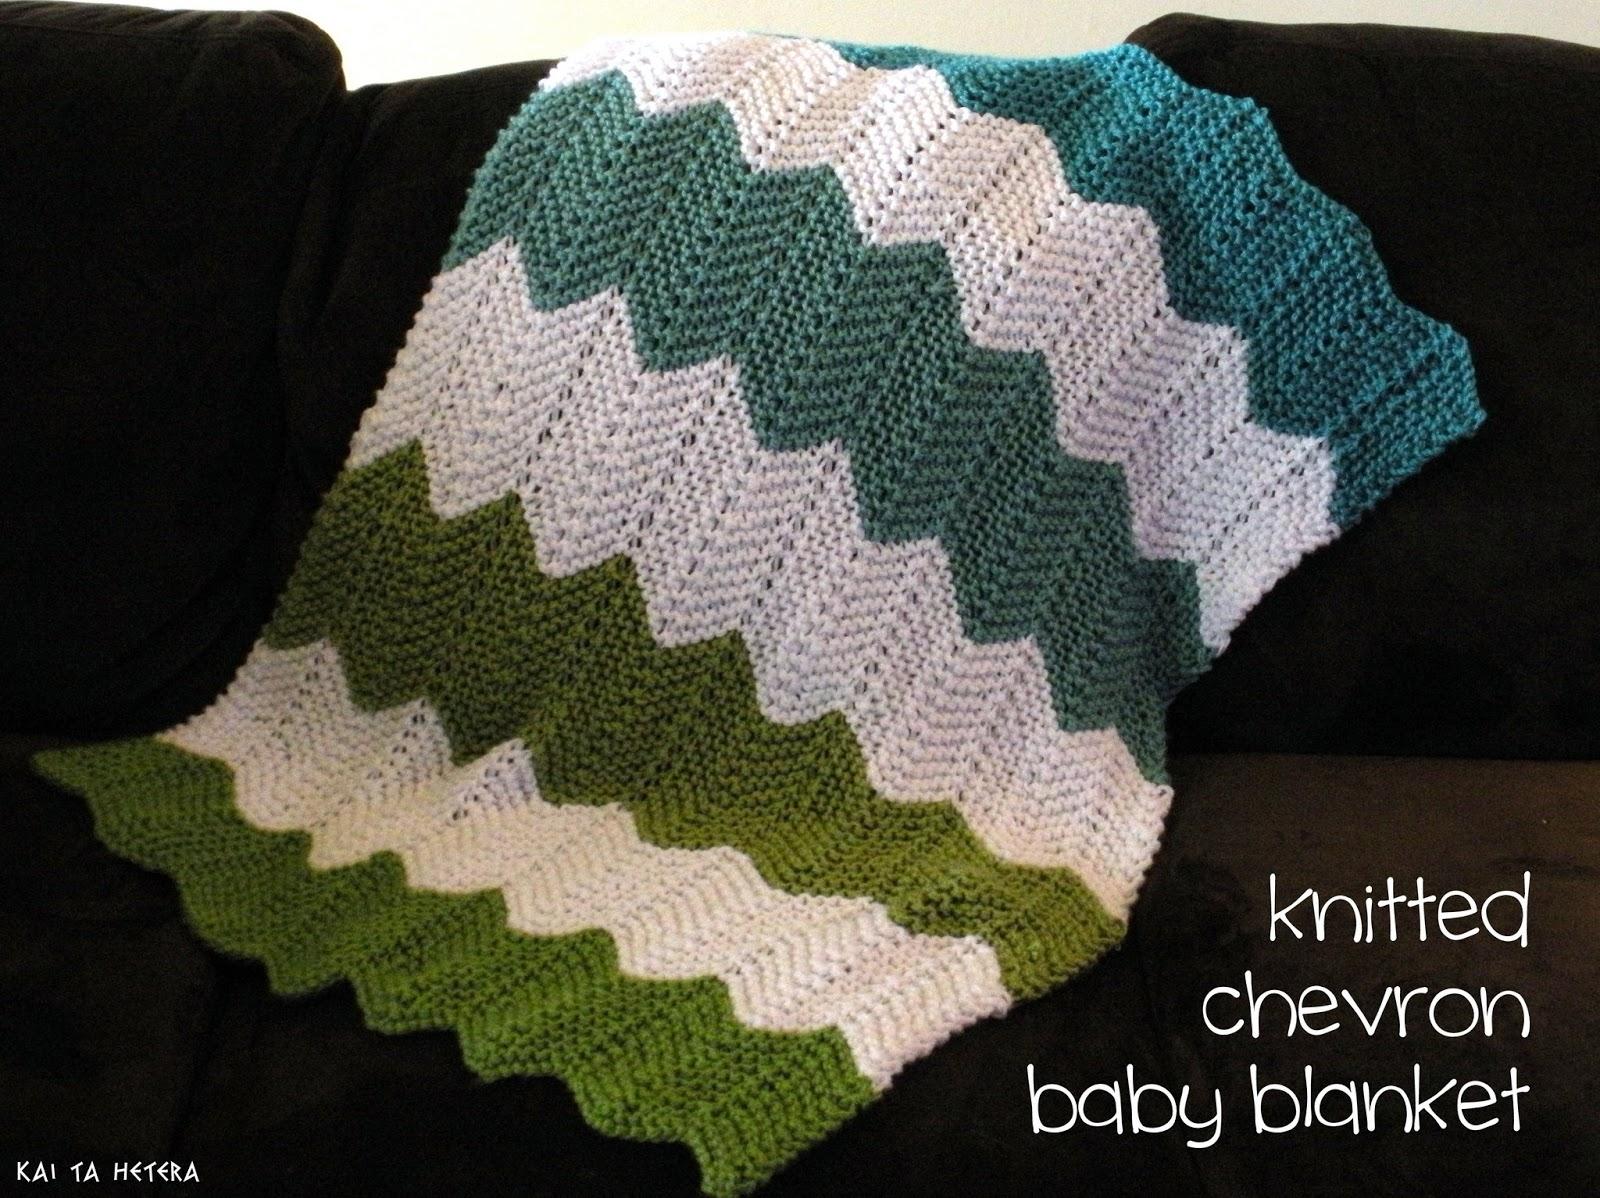 kai ta hetera: knitted chevron baby blanket